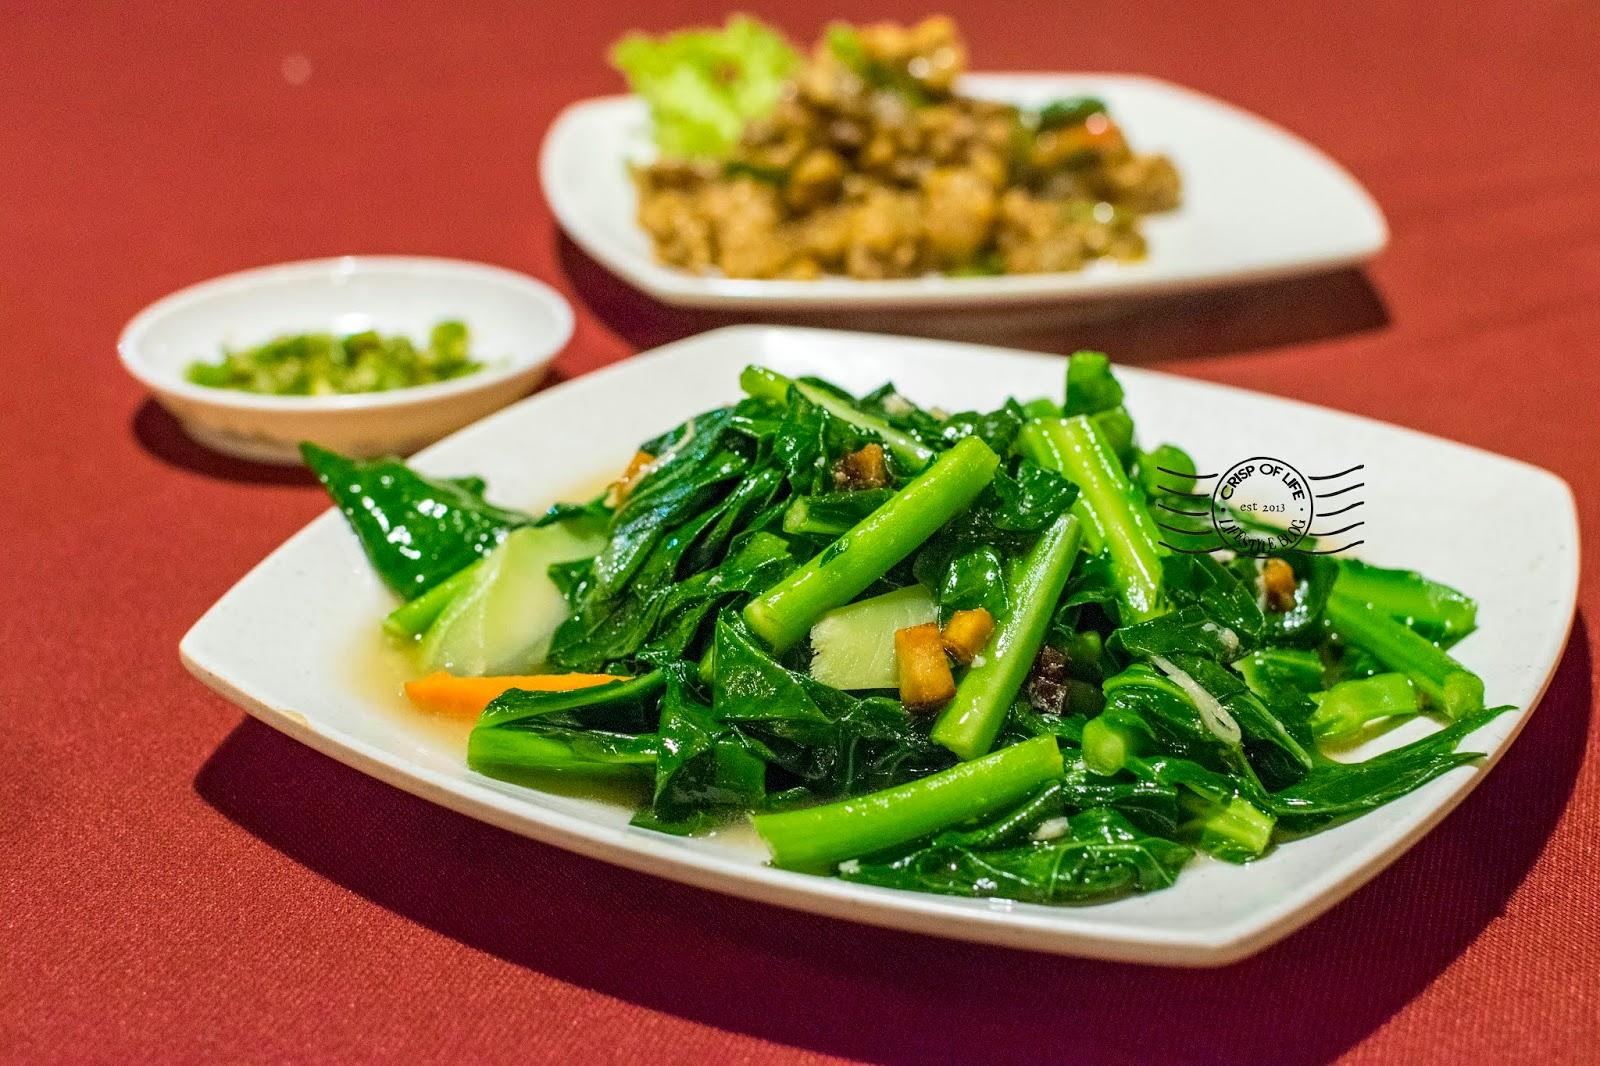 Kulim Forest Restaurant (森林海鲜村) at Kedah